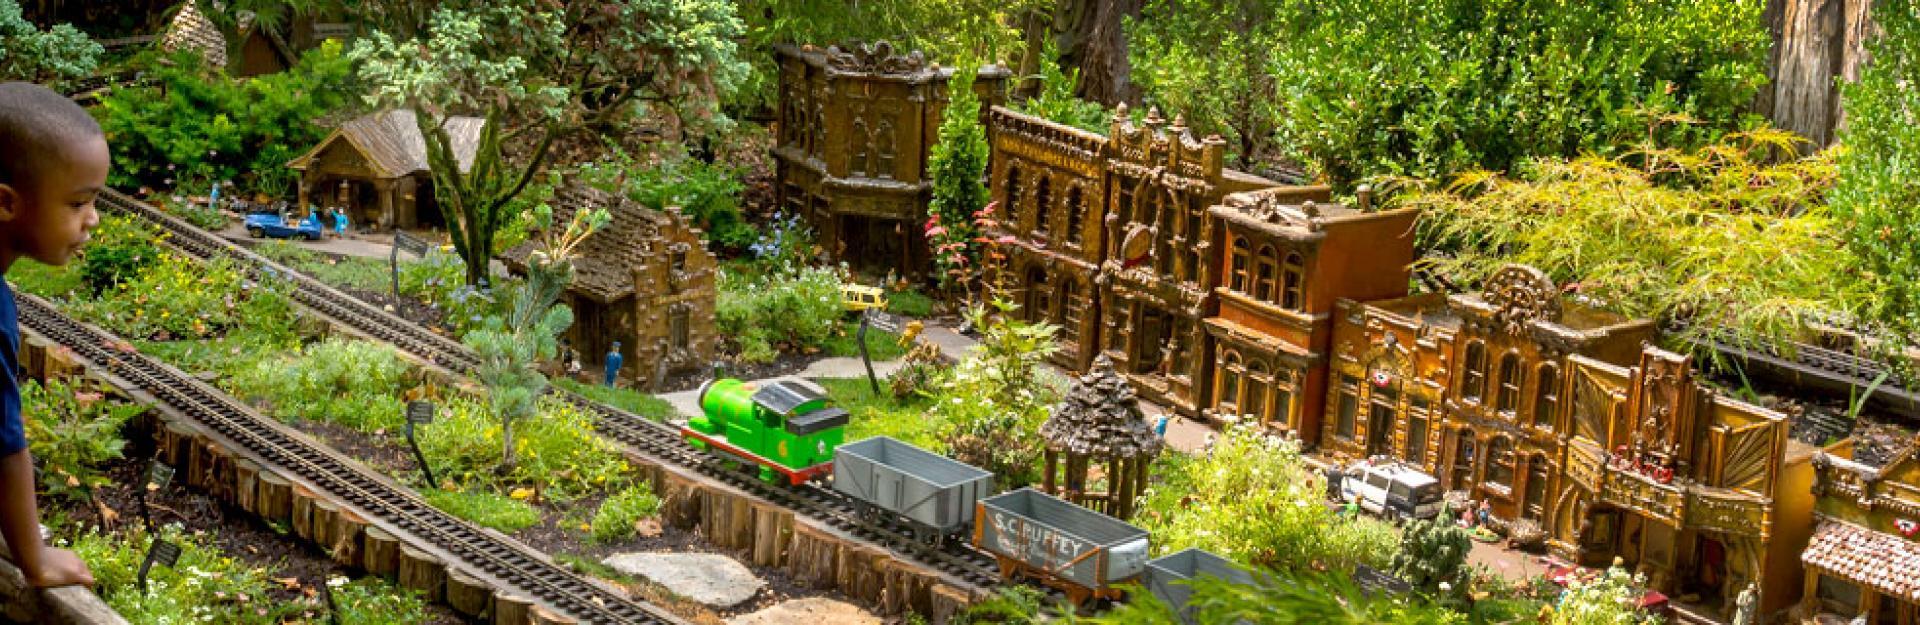 Model Railroad Garden 20 Years Chicago Botanic Garden